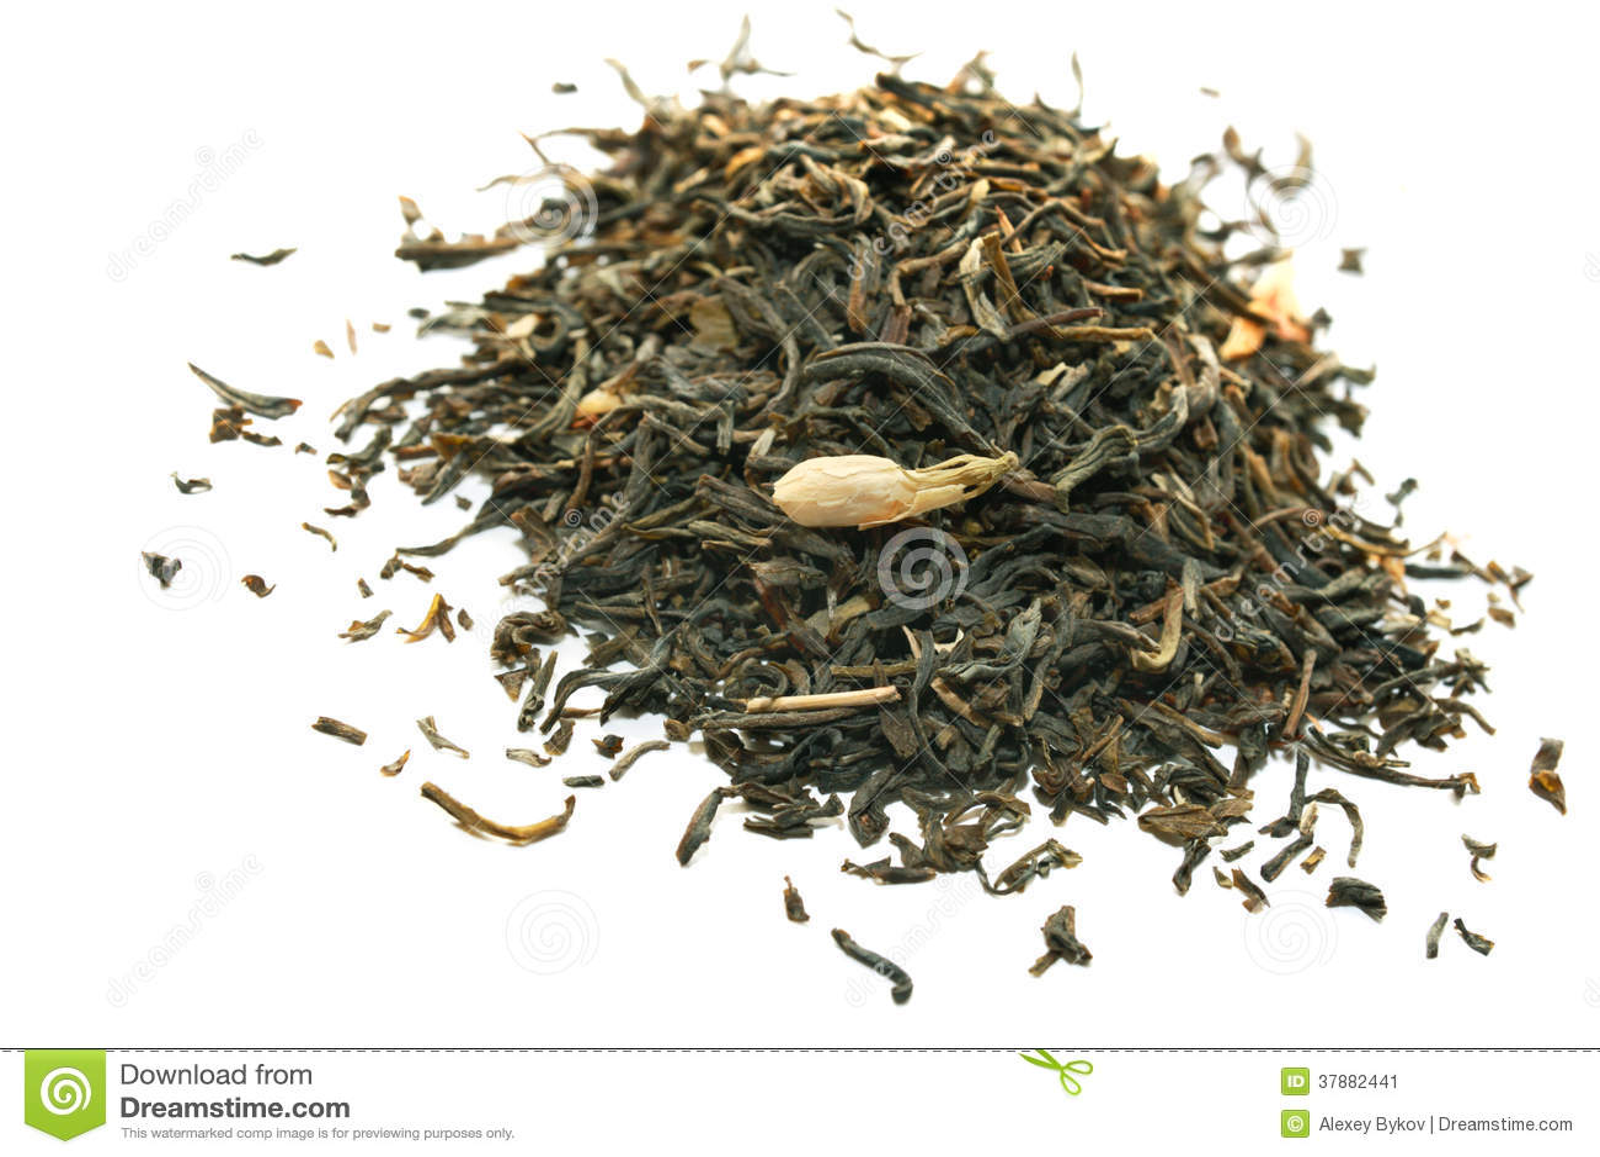 Groene die thee met jasmijn op wit wordt geïsoleerd.